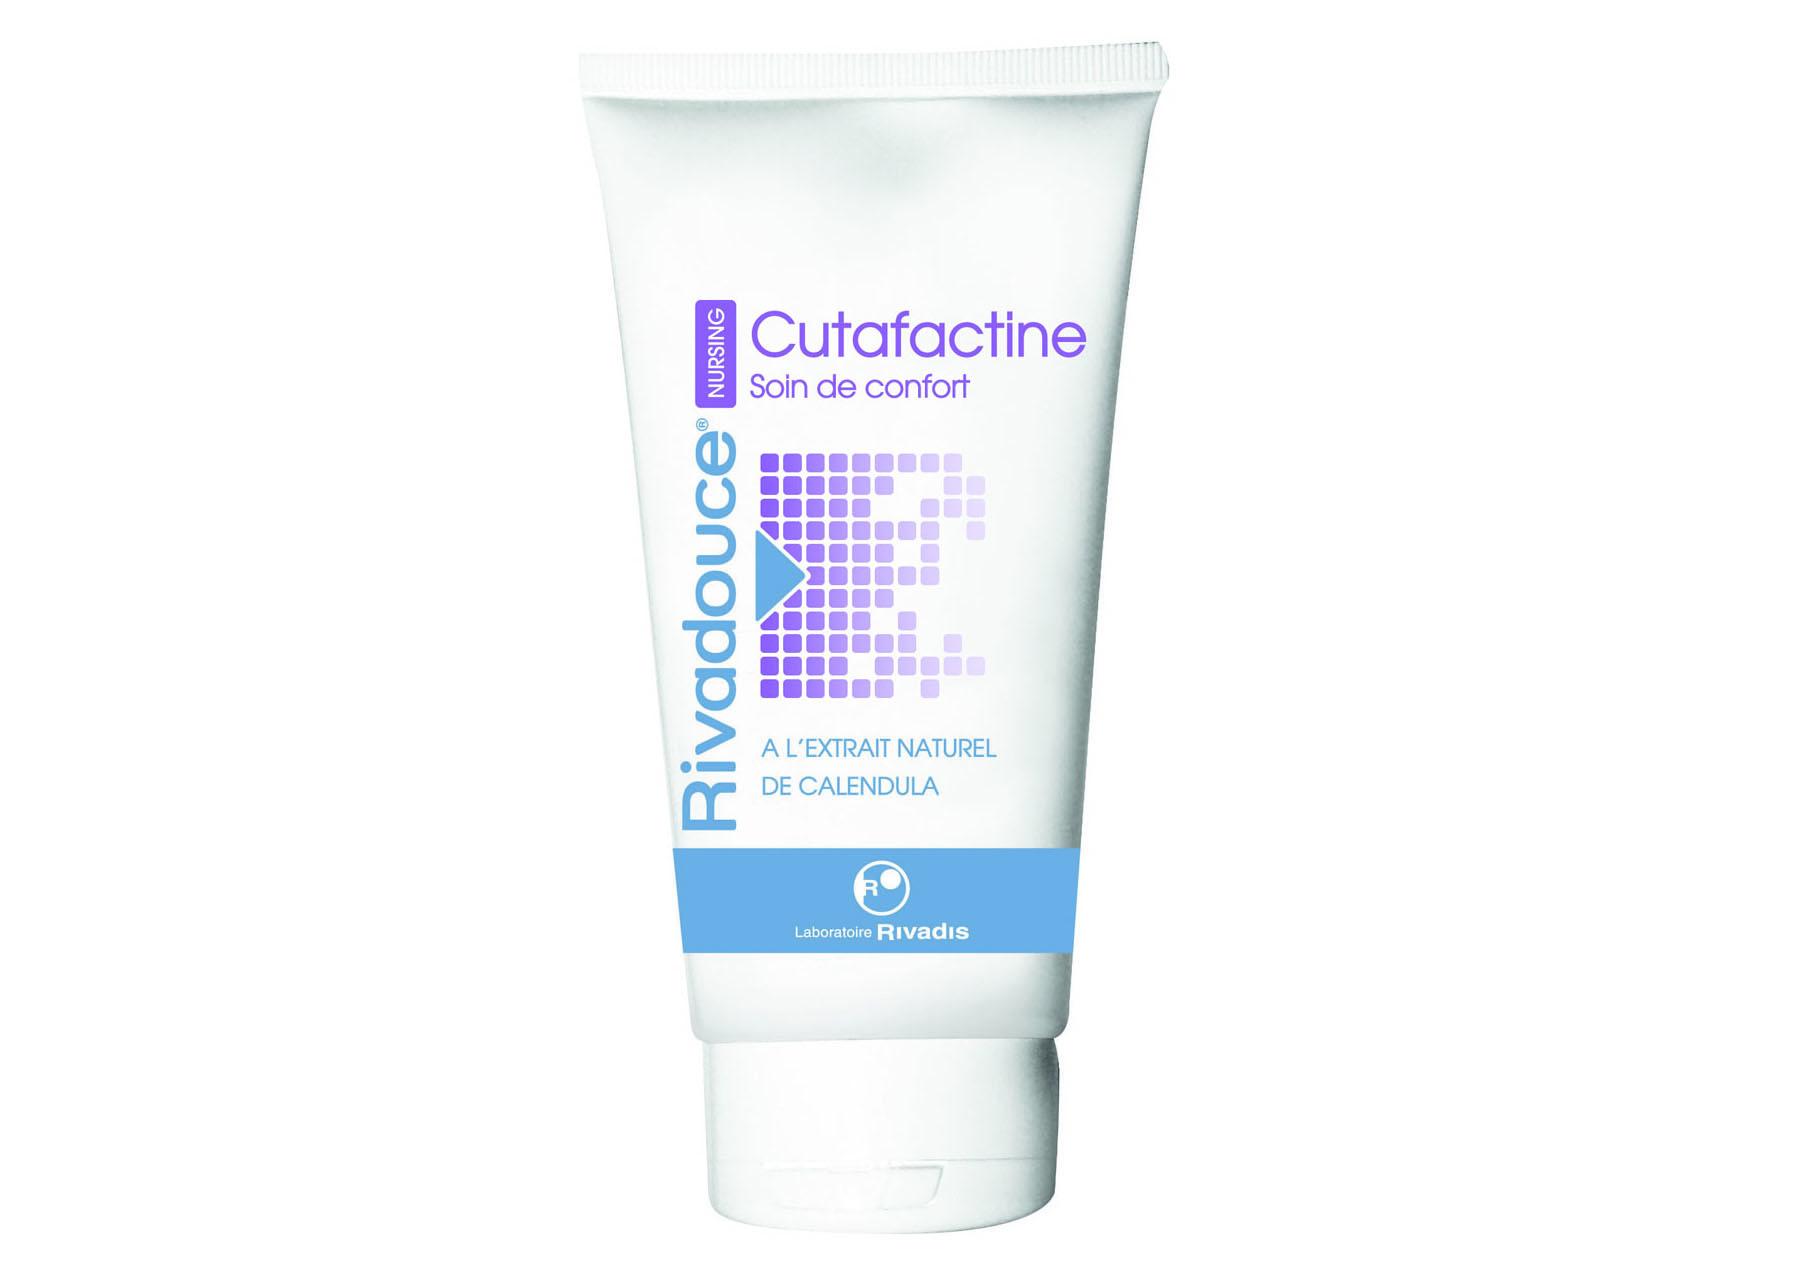 Le laboratoire Rivadis dévoile une nouvelle formule pour la CUTAFACTINE